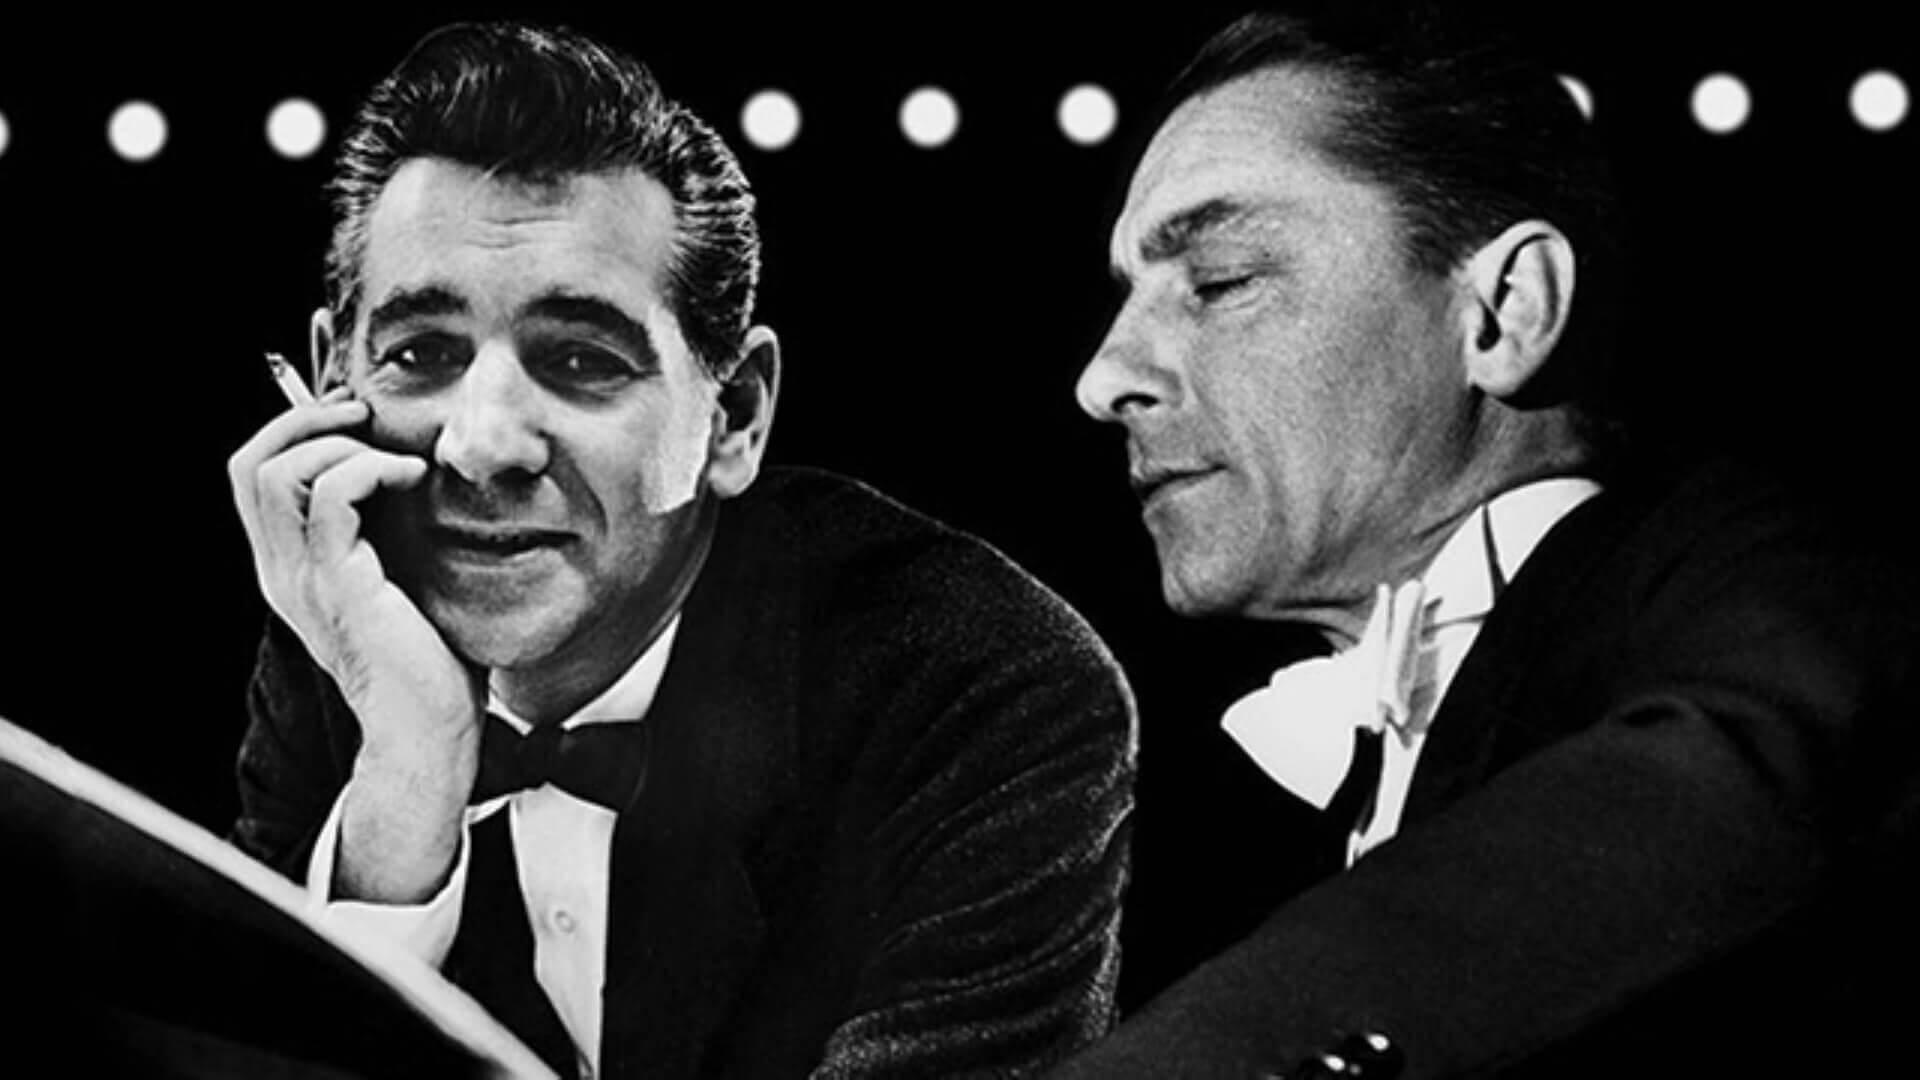 Karajan vs. Bernstein – Battle of Giants